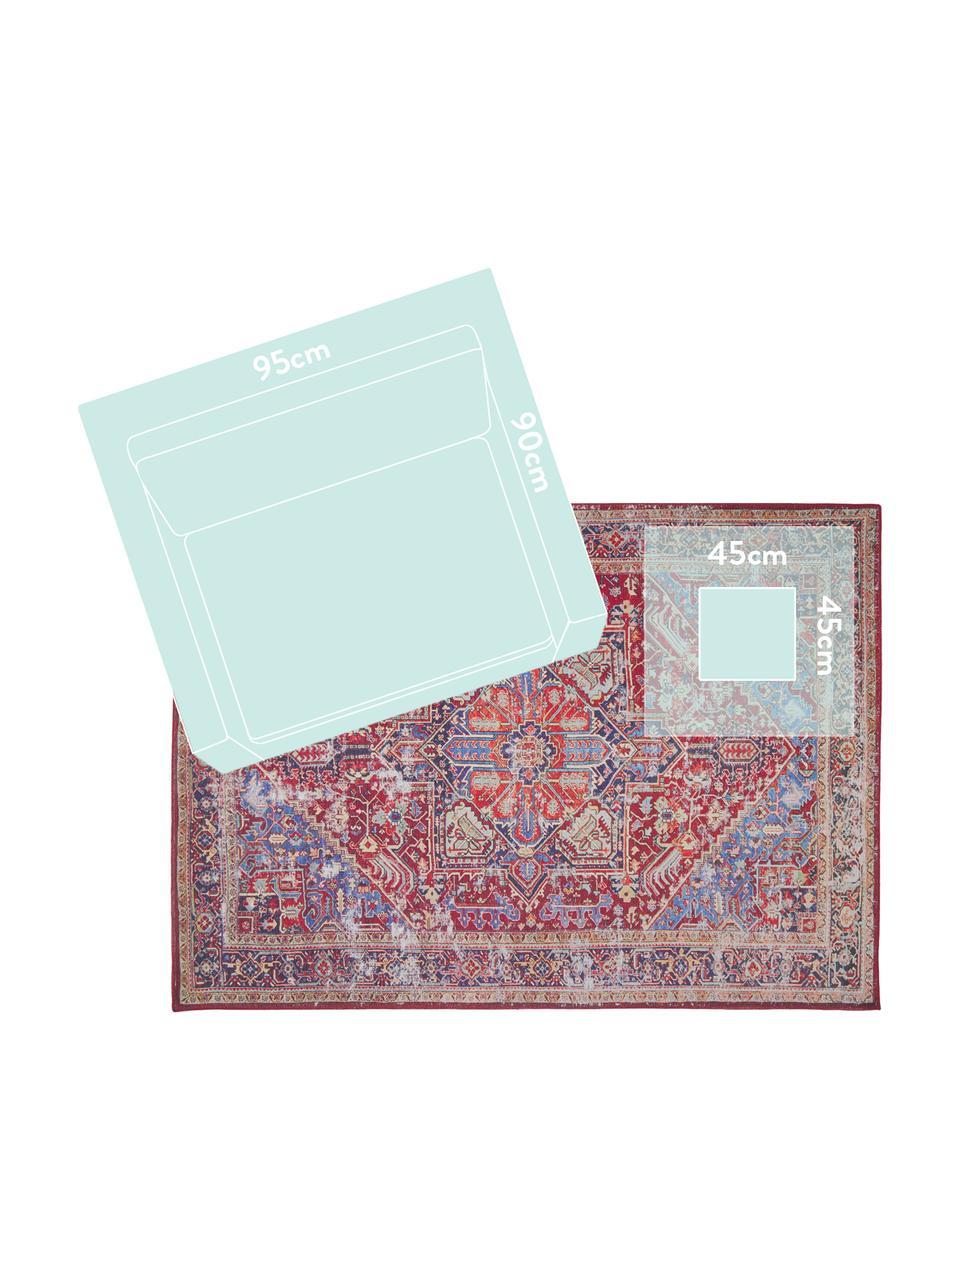 Dywan szenilowy w stylu vintage Paulo, Czerwony, niebieski, beżowy, S 190 x D 290 cm (Rozmiar L)